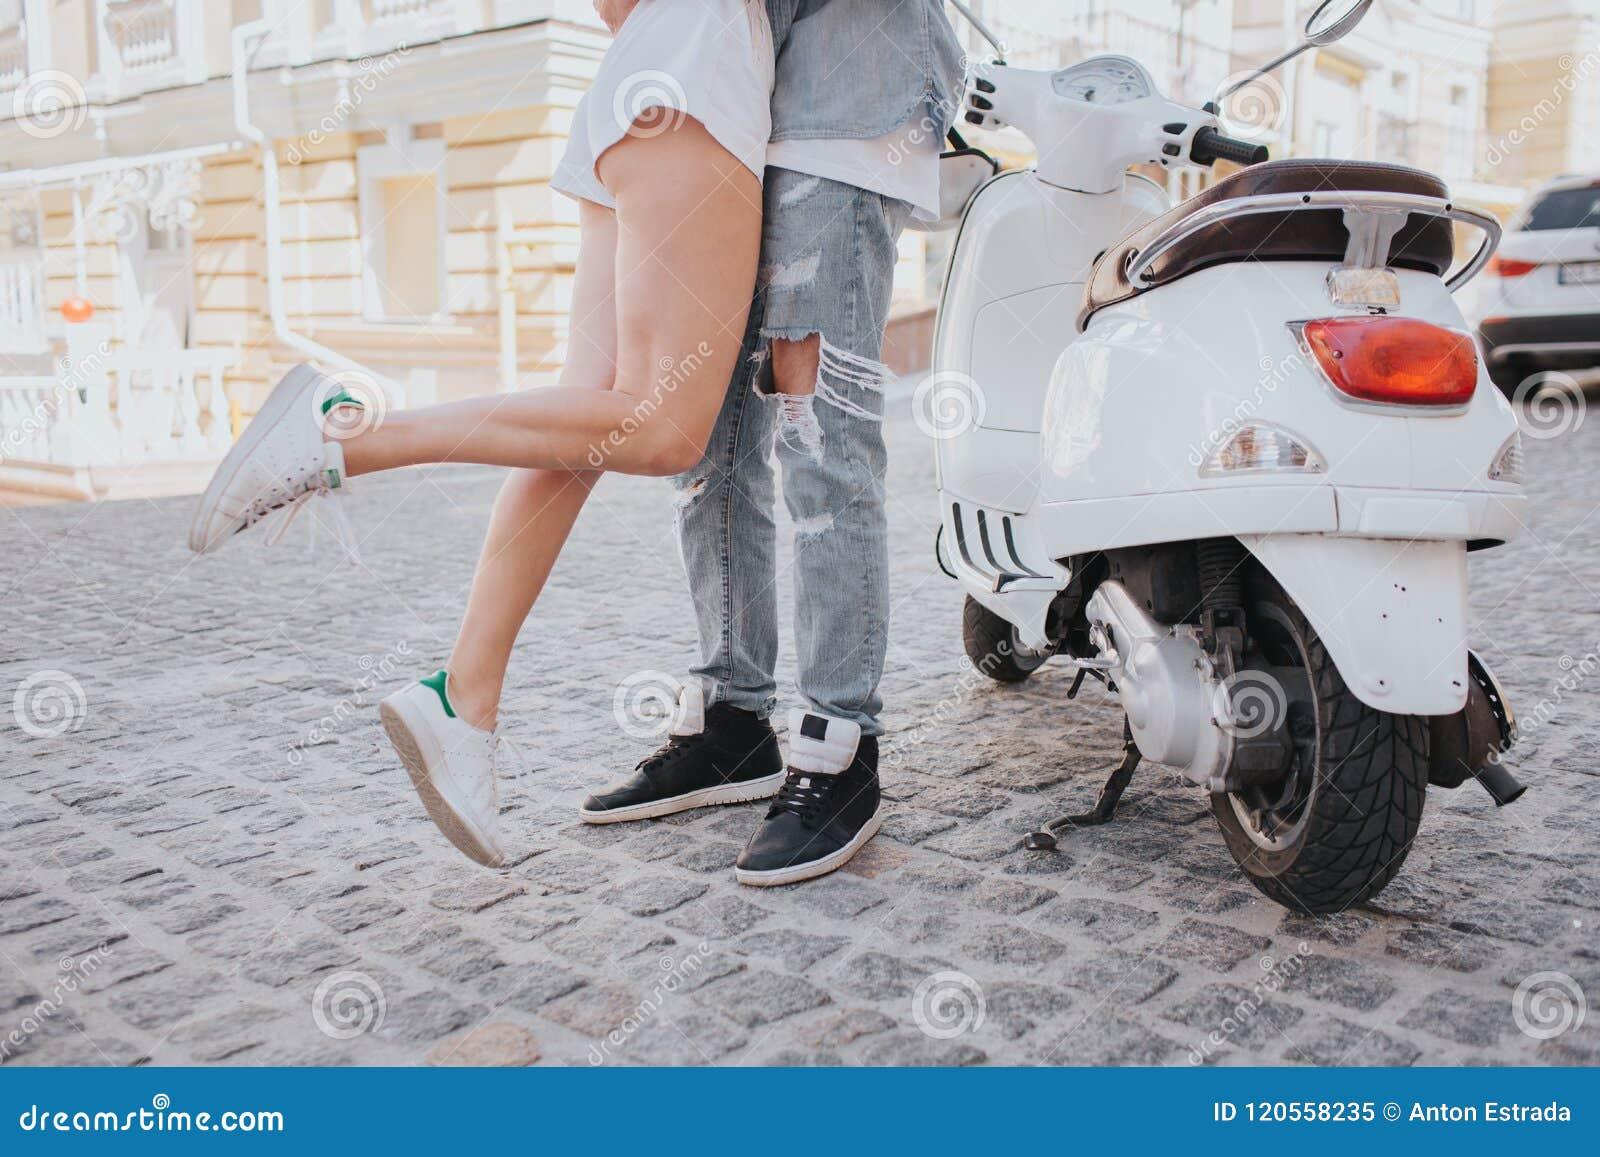 Το Gril πηδά κοντά στον τύπο Τα πόδια της είναι στον αέρα Στέκονται εκτός από τη μοτοσικλέτα στη μέση της οδού Έχουν το α